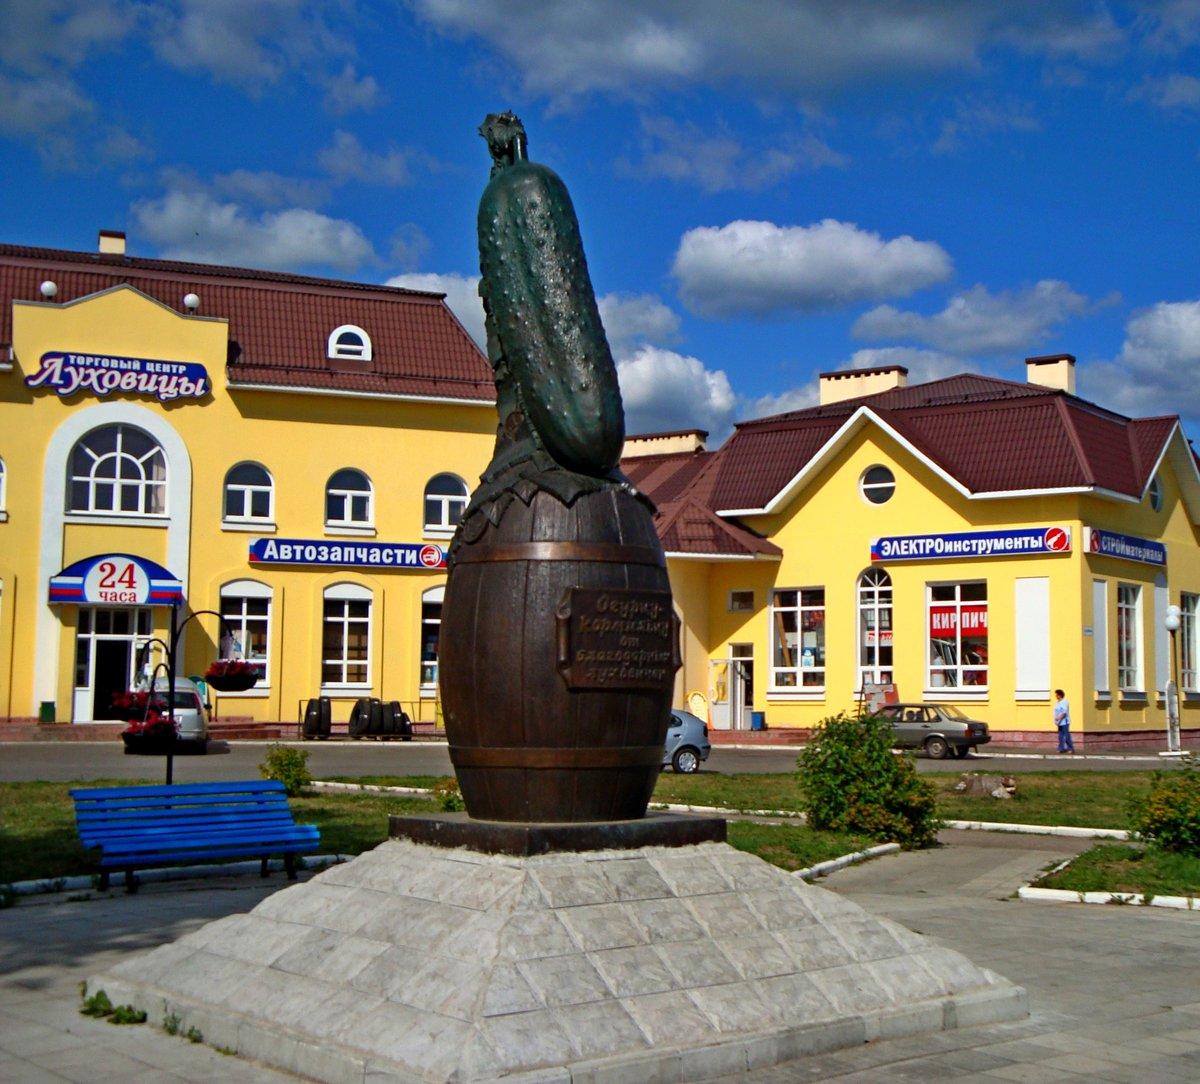 Памятник огурцу (Луховицы)